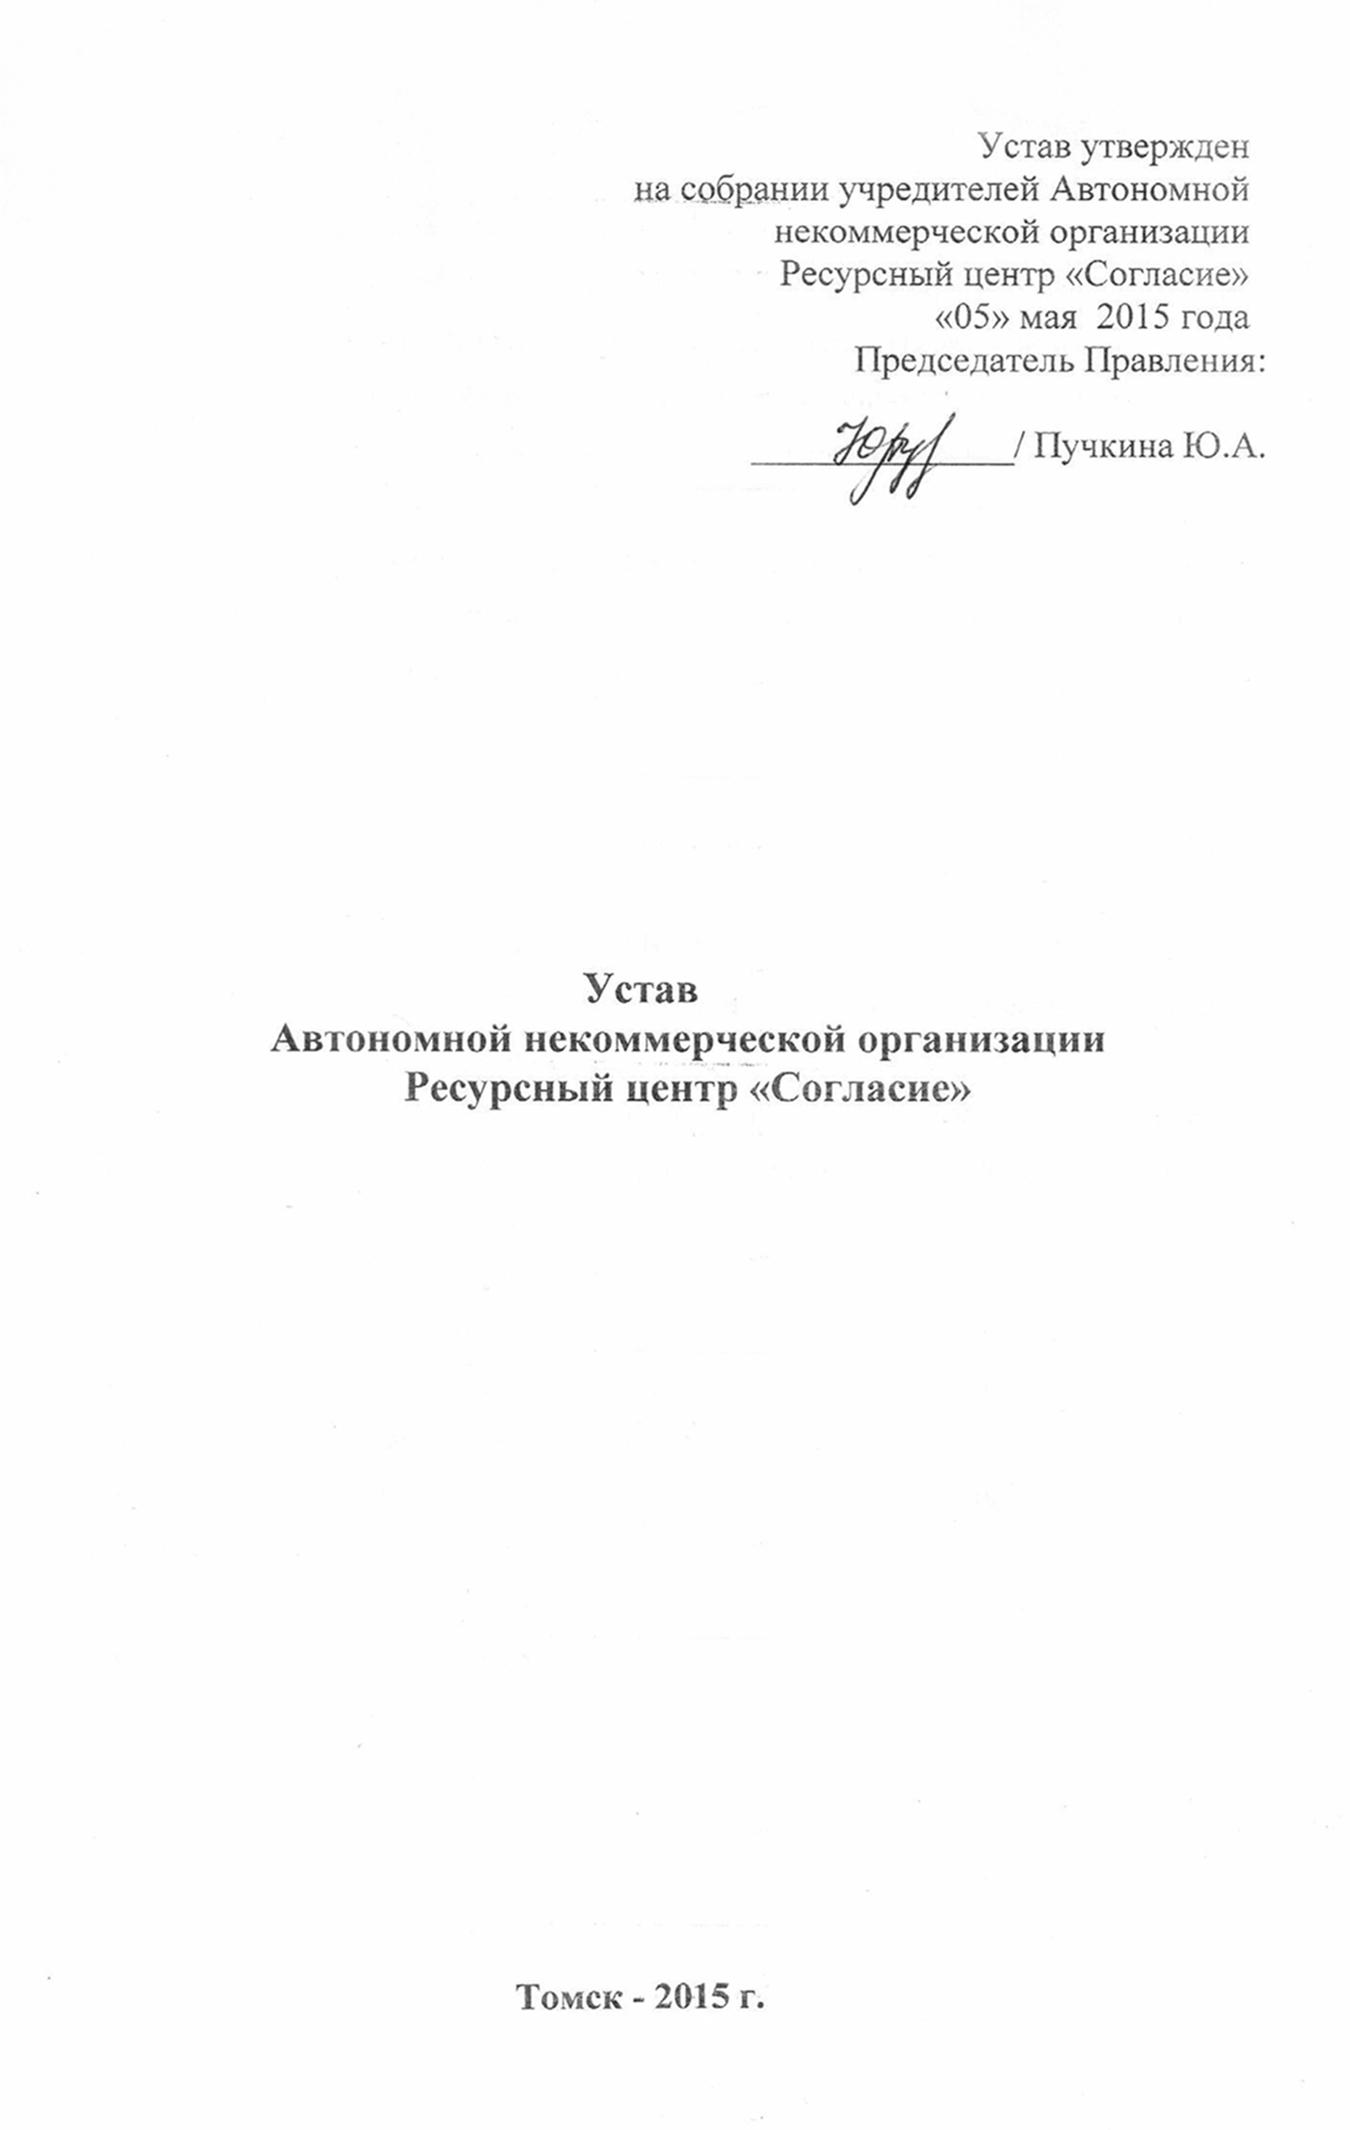 Так выглядит устав ресурсного центра «Согласие» в Томске. Источник: soglasie-tomsk.com